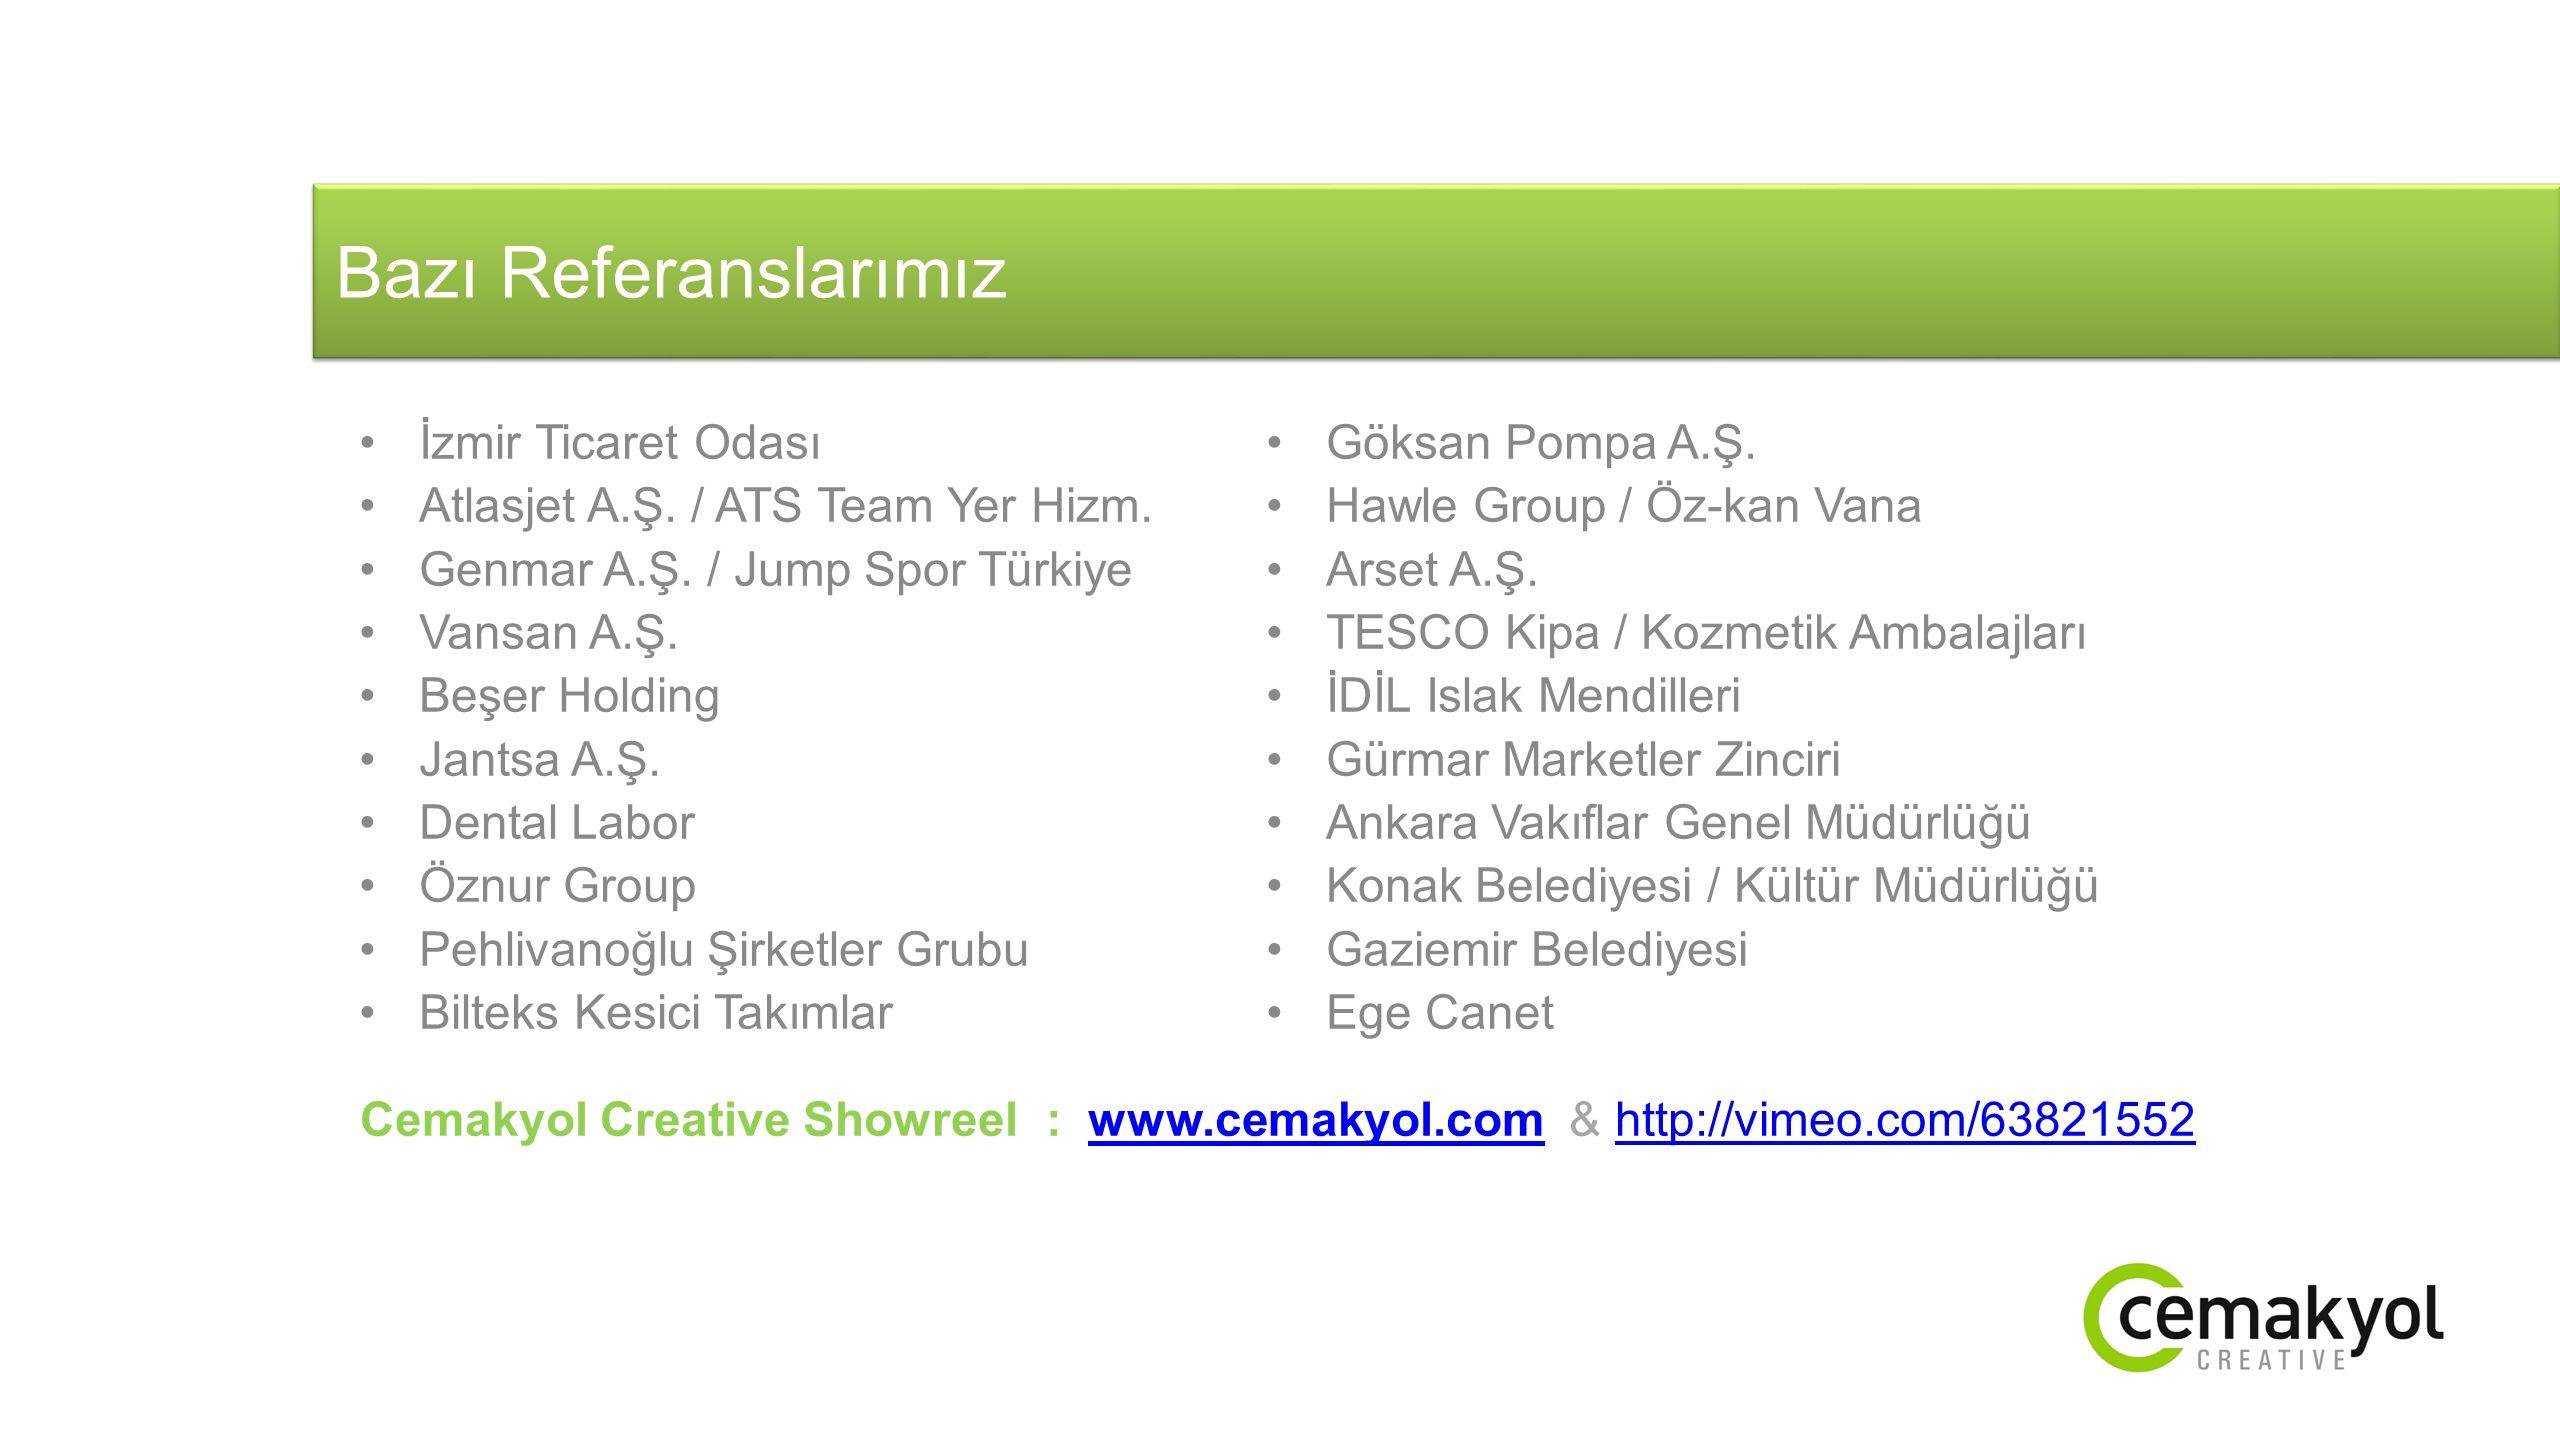 Bazı Referanslarımız İzmir Ticaret Odası Atlasjet A.Ş. / ATS Team Yer Hizm. Genmar A.Ş. / Jump Spor Türkiye Vansan A.Ş. Beşer Holding Jantsa A.Ş. Dent